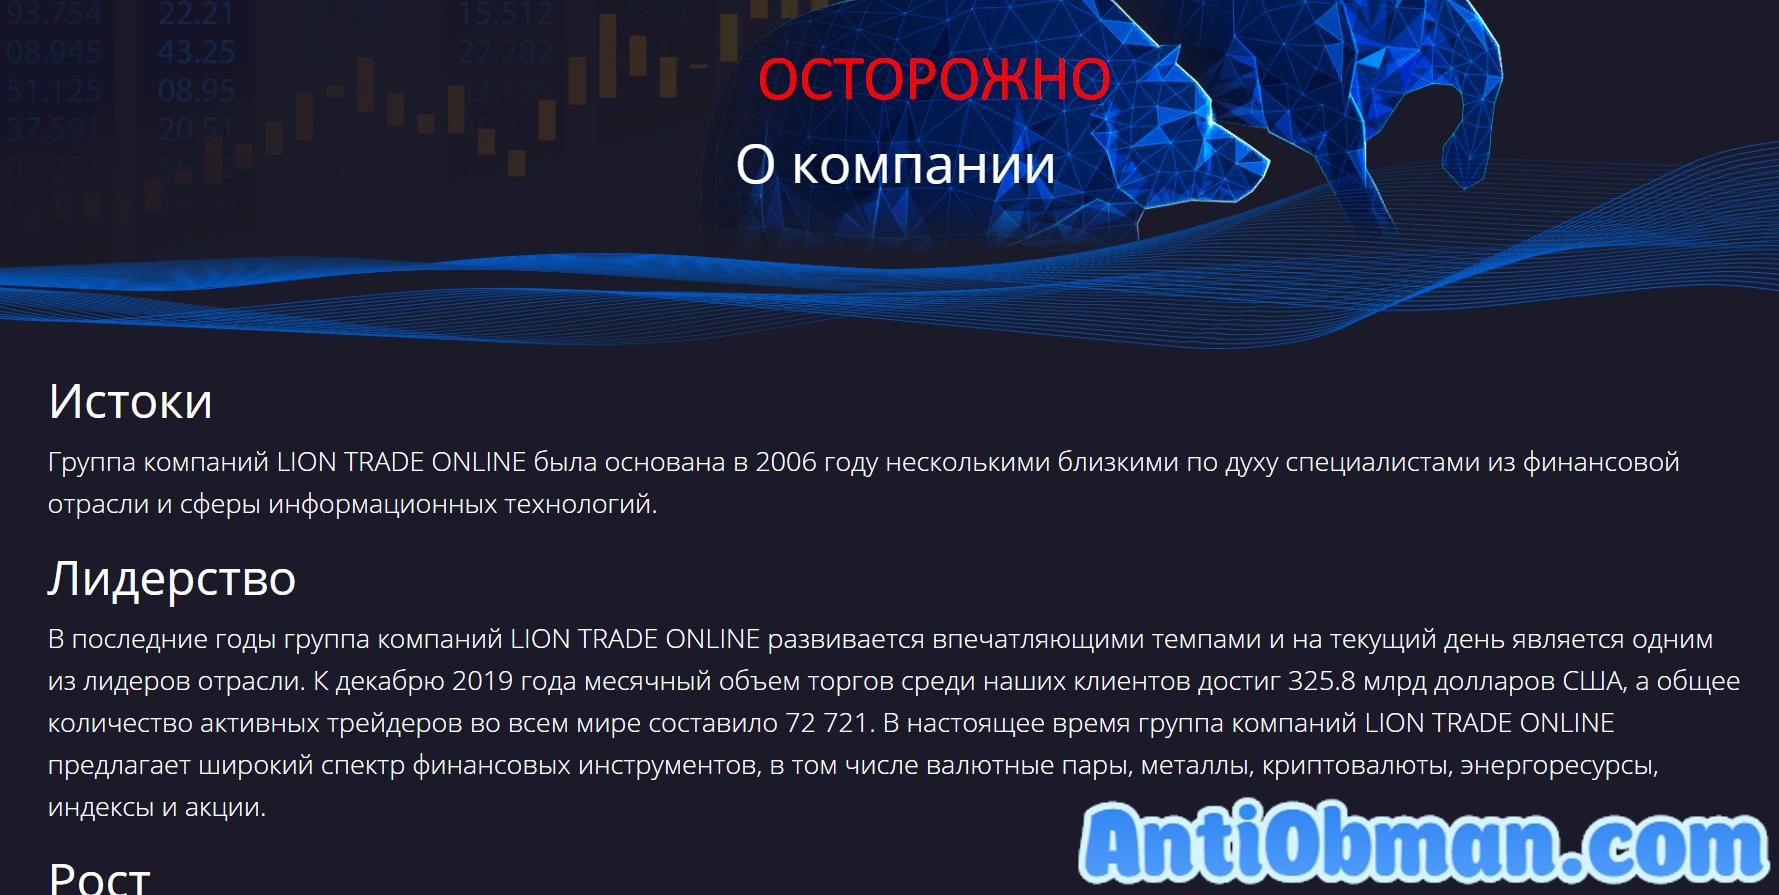 Lion Trade Online - реальные отзывы и обзор liontradeonline.ltd